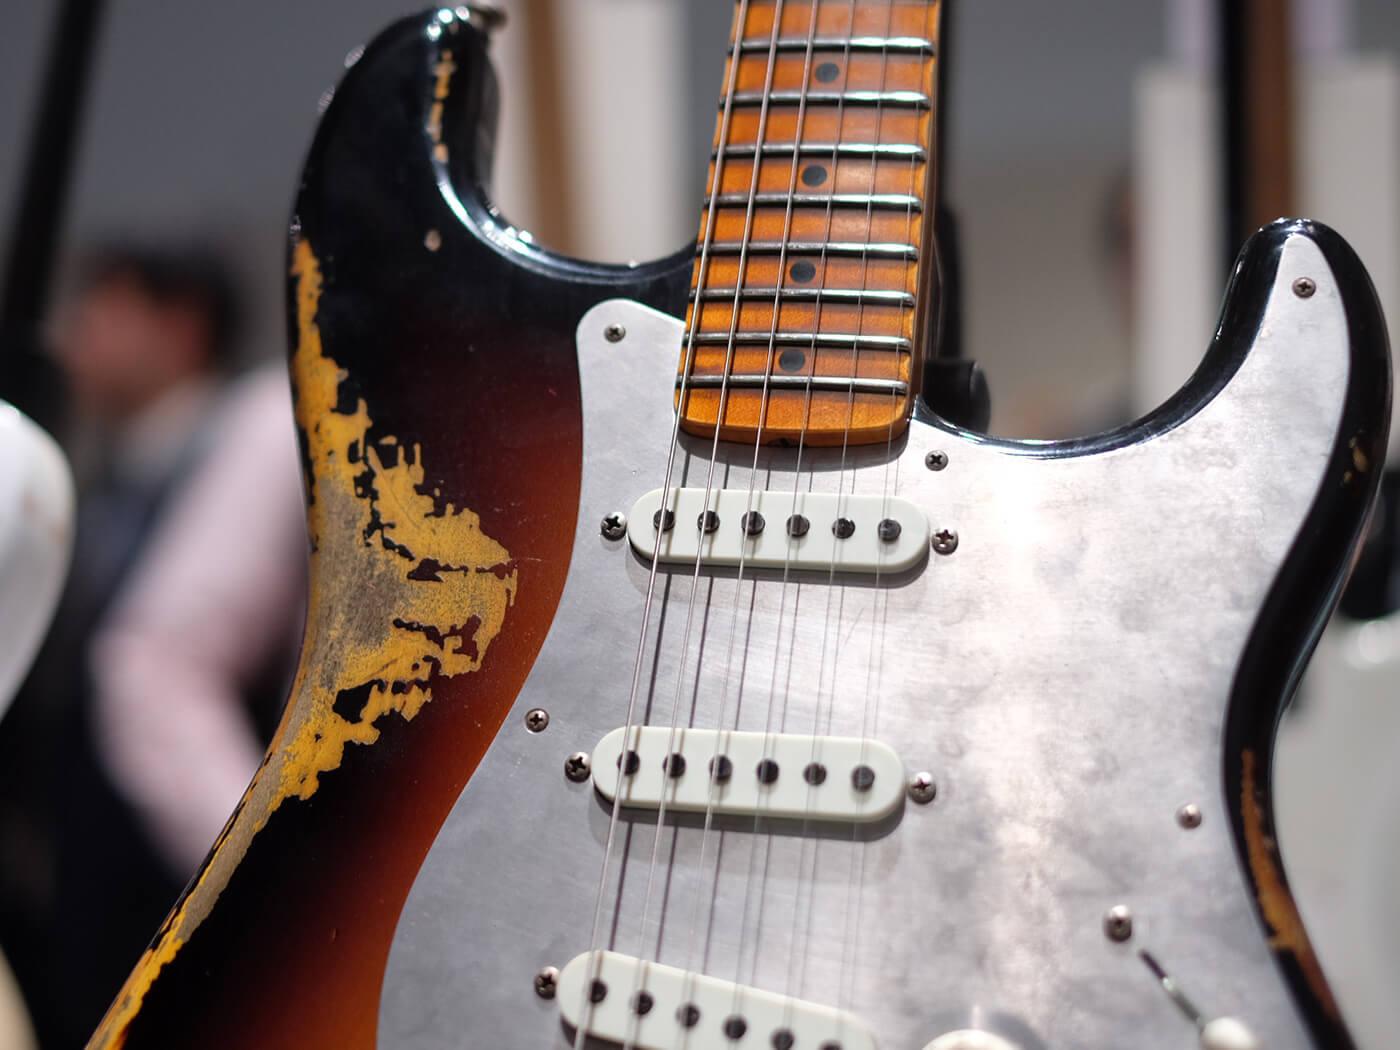 El Diablo Strat Heavy Relic, Wide Fade 2 Tone Sunburst